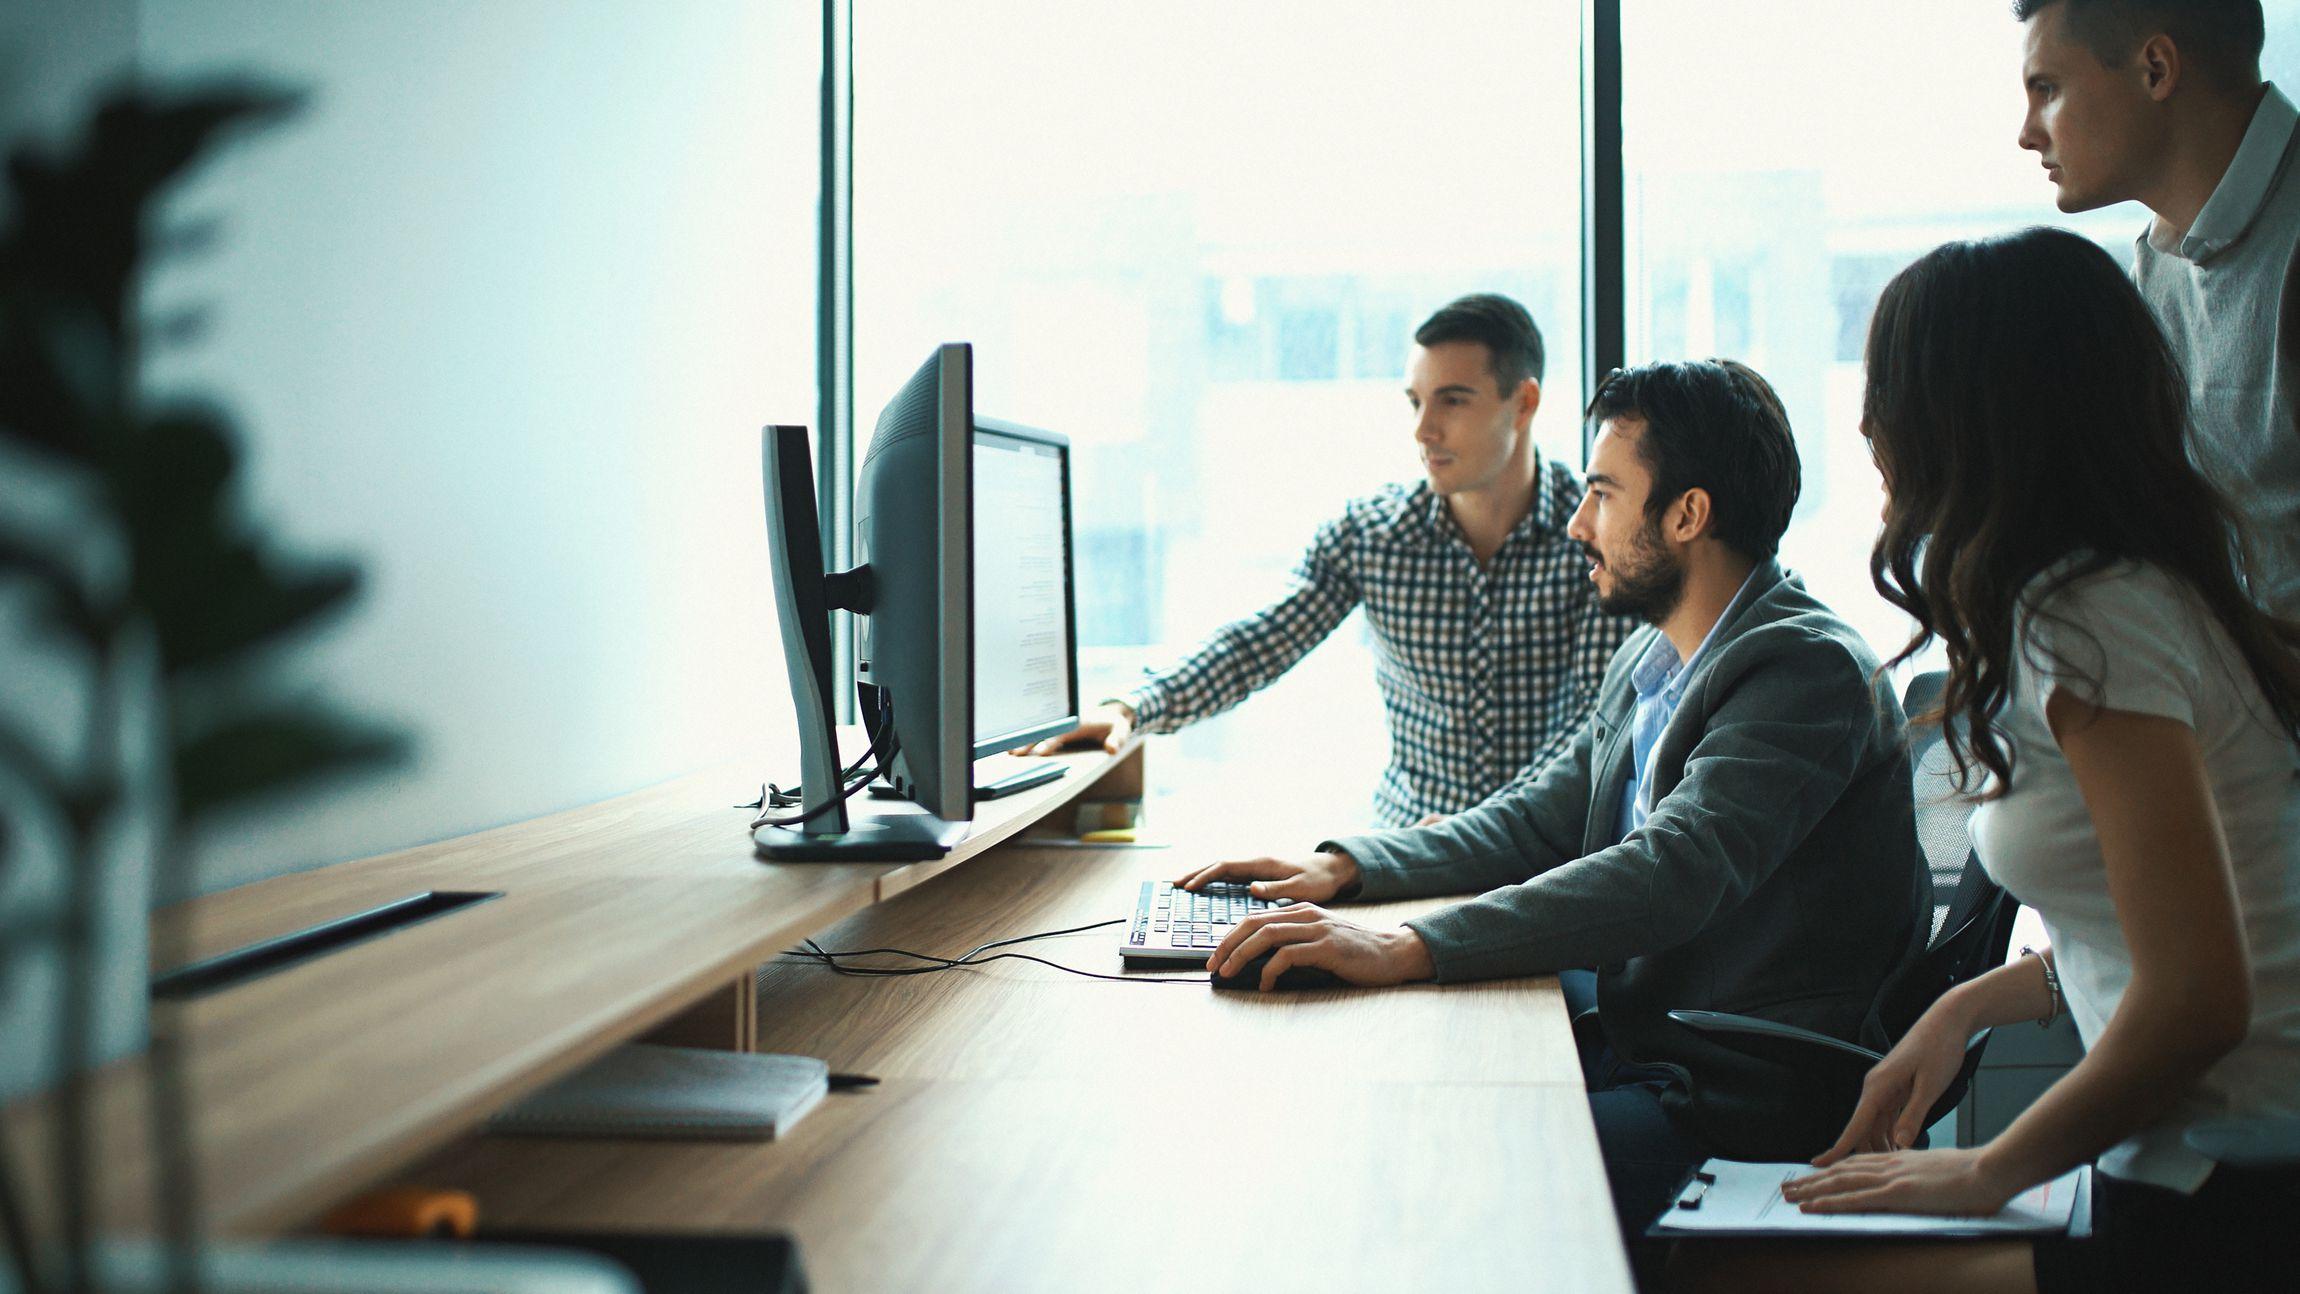 В поисках себя, или какие вакансии востребованы на сегодня и какое будущее у рынка труда Якутии